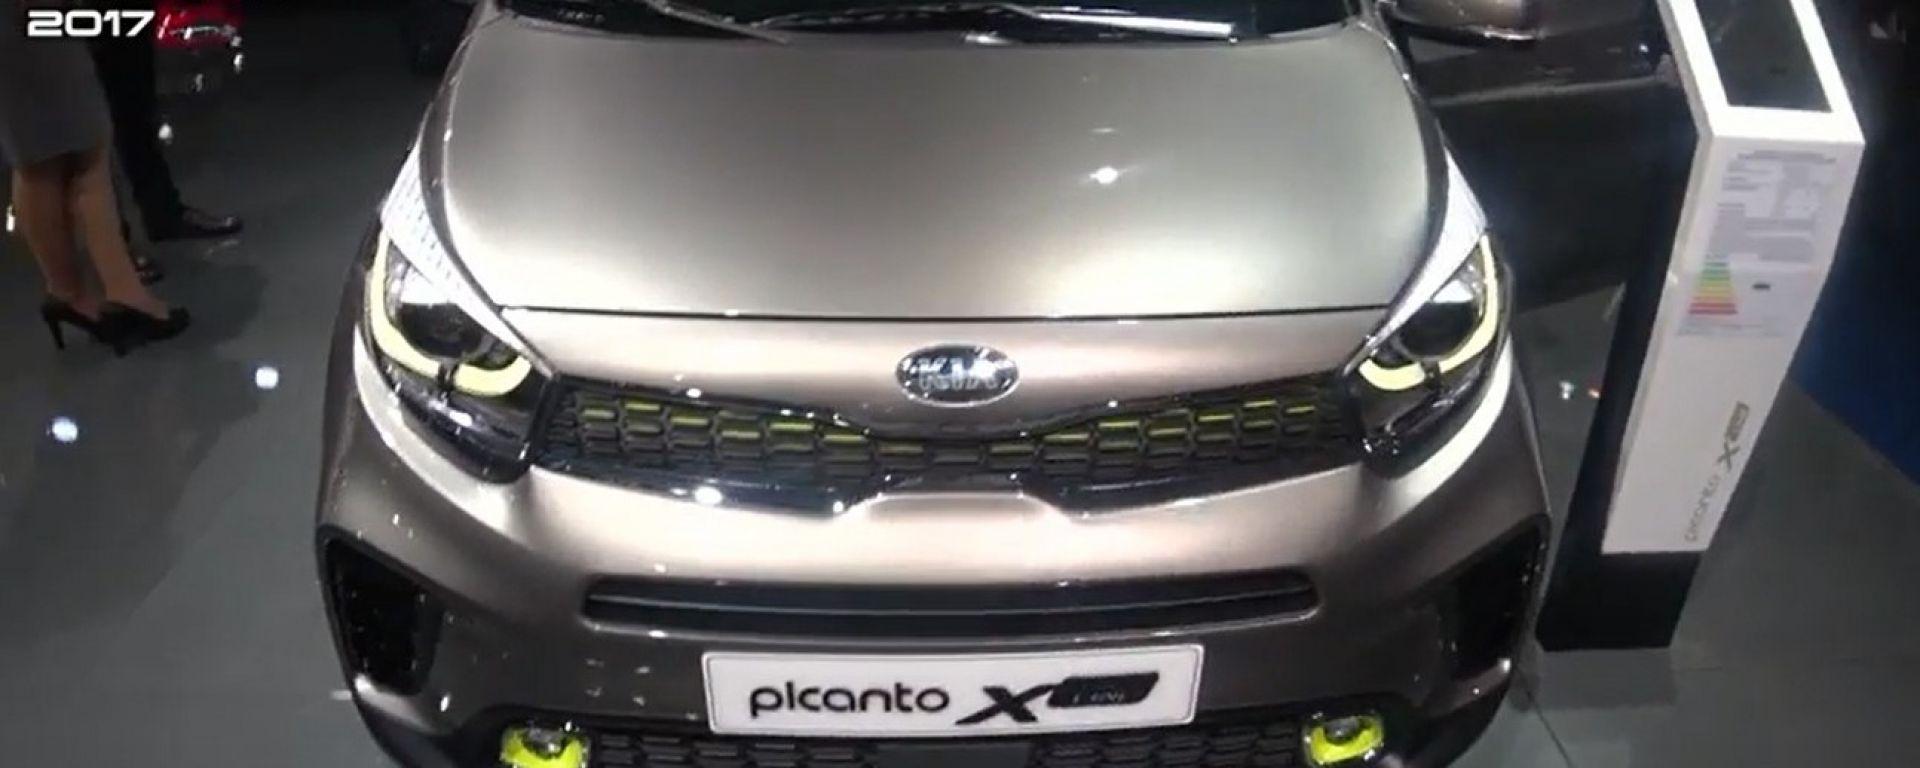 Kia Picanto X-Line: mini-SUV da 100 CV a Francoforte